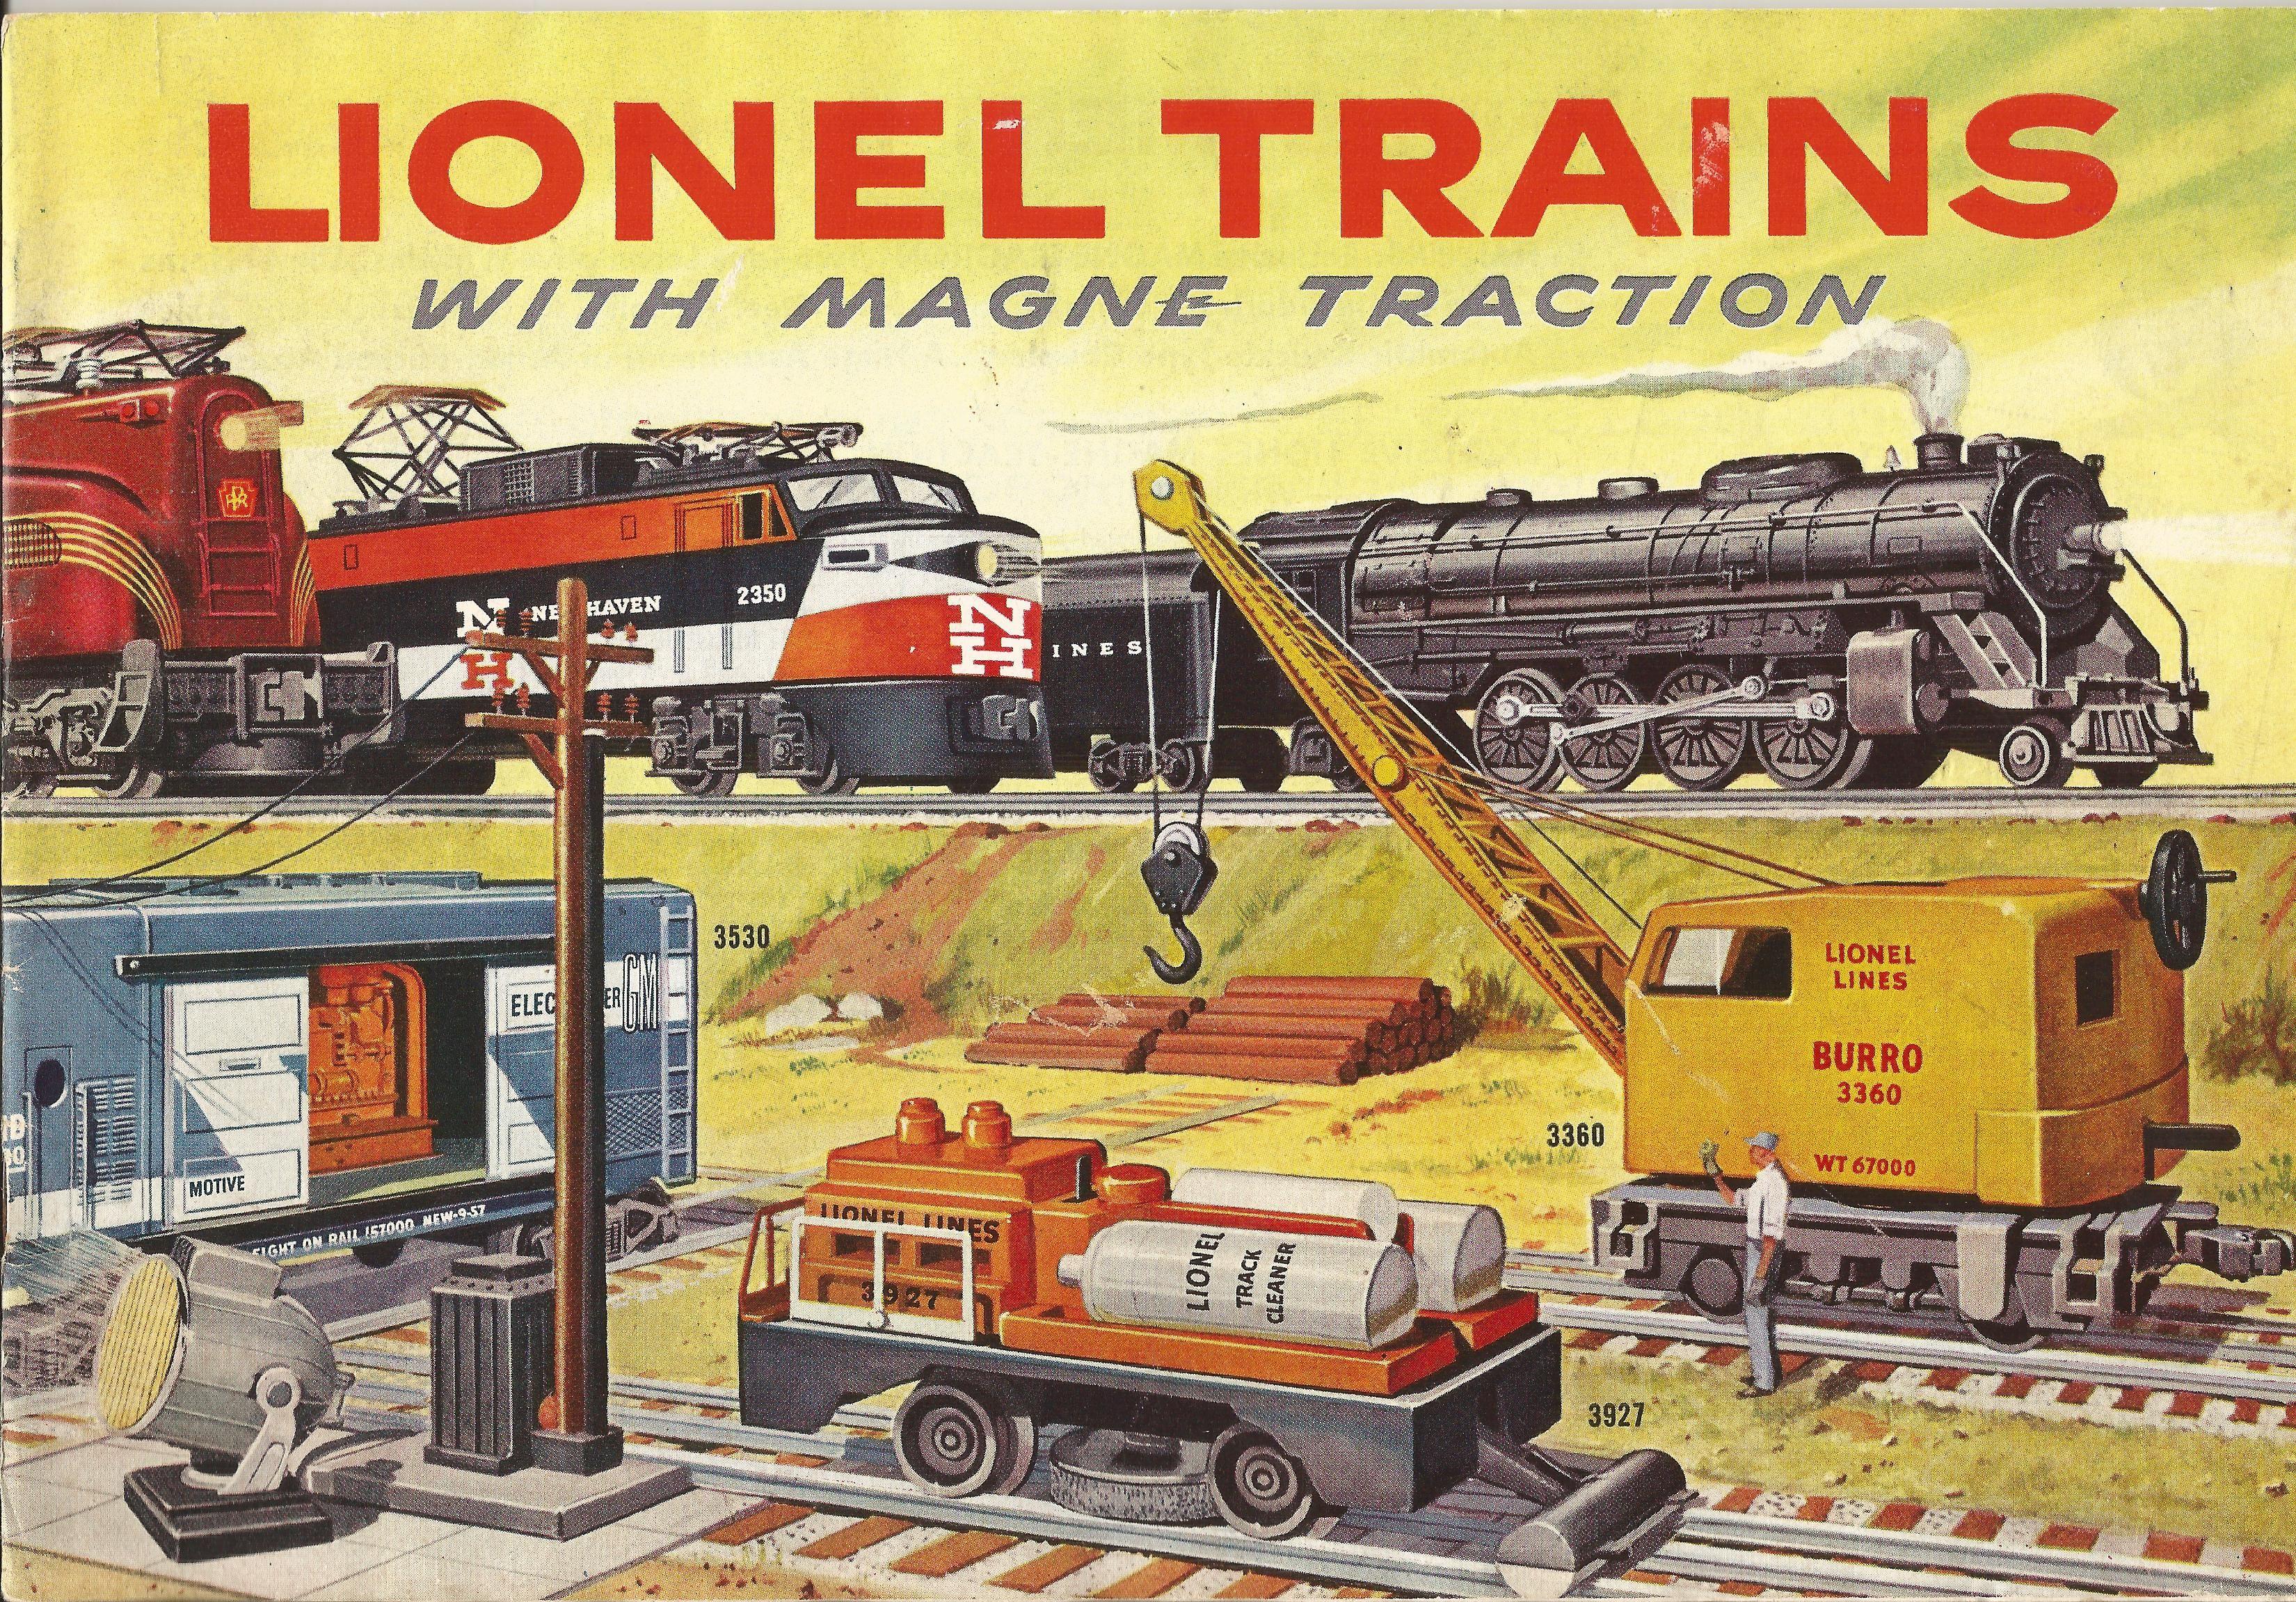 lionel model trains | Cover of 1956 Lionel catalog. | Model Railroad ...